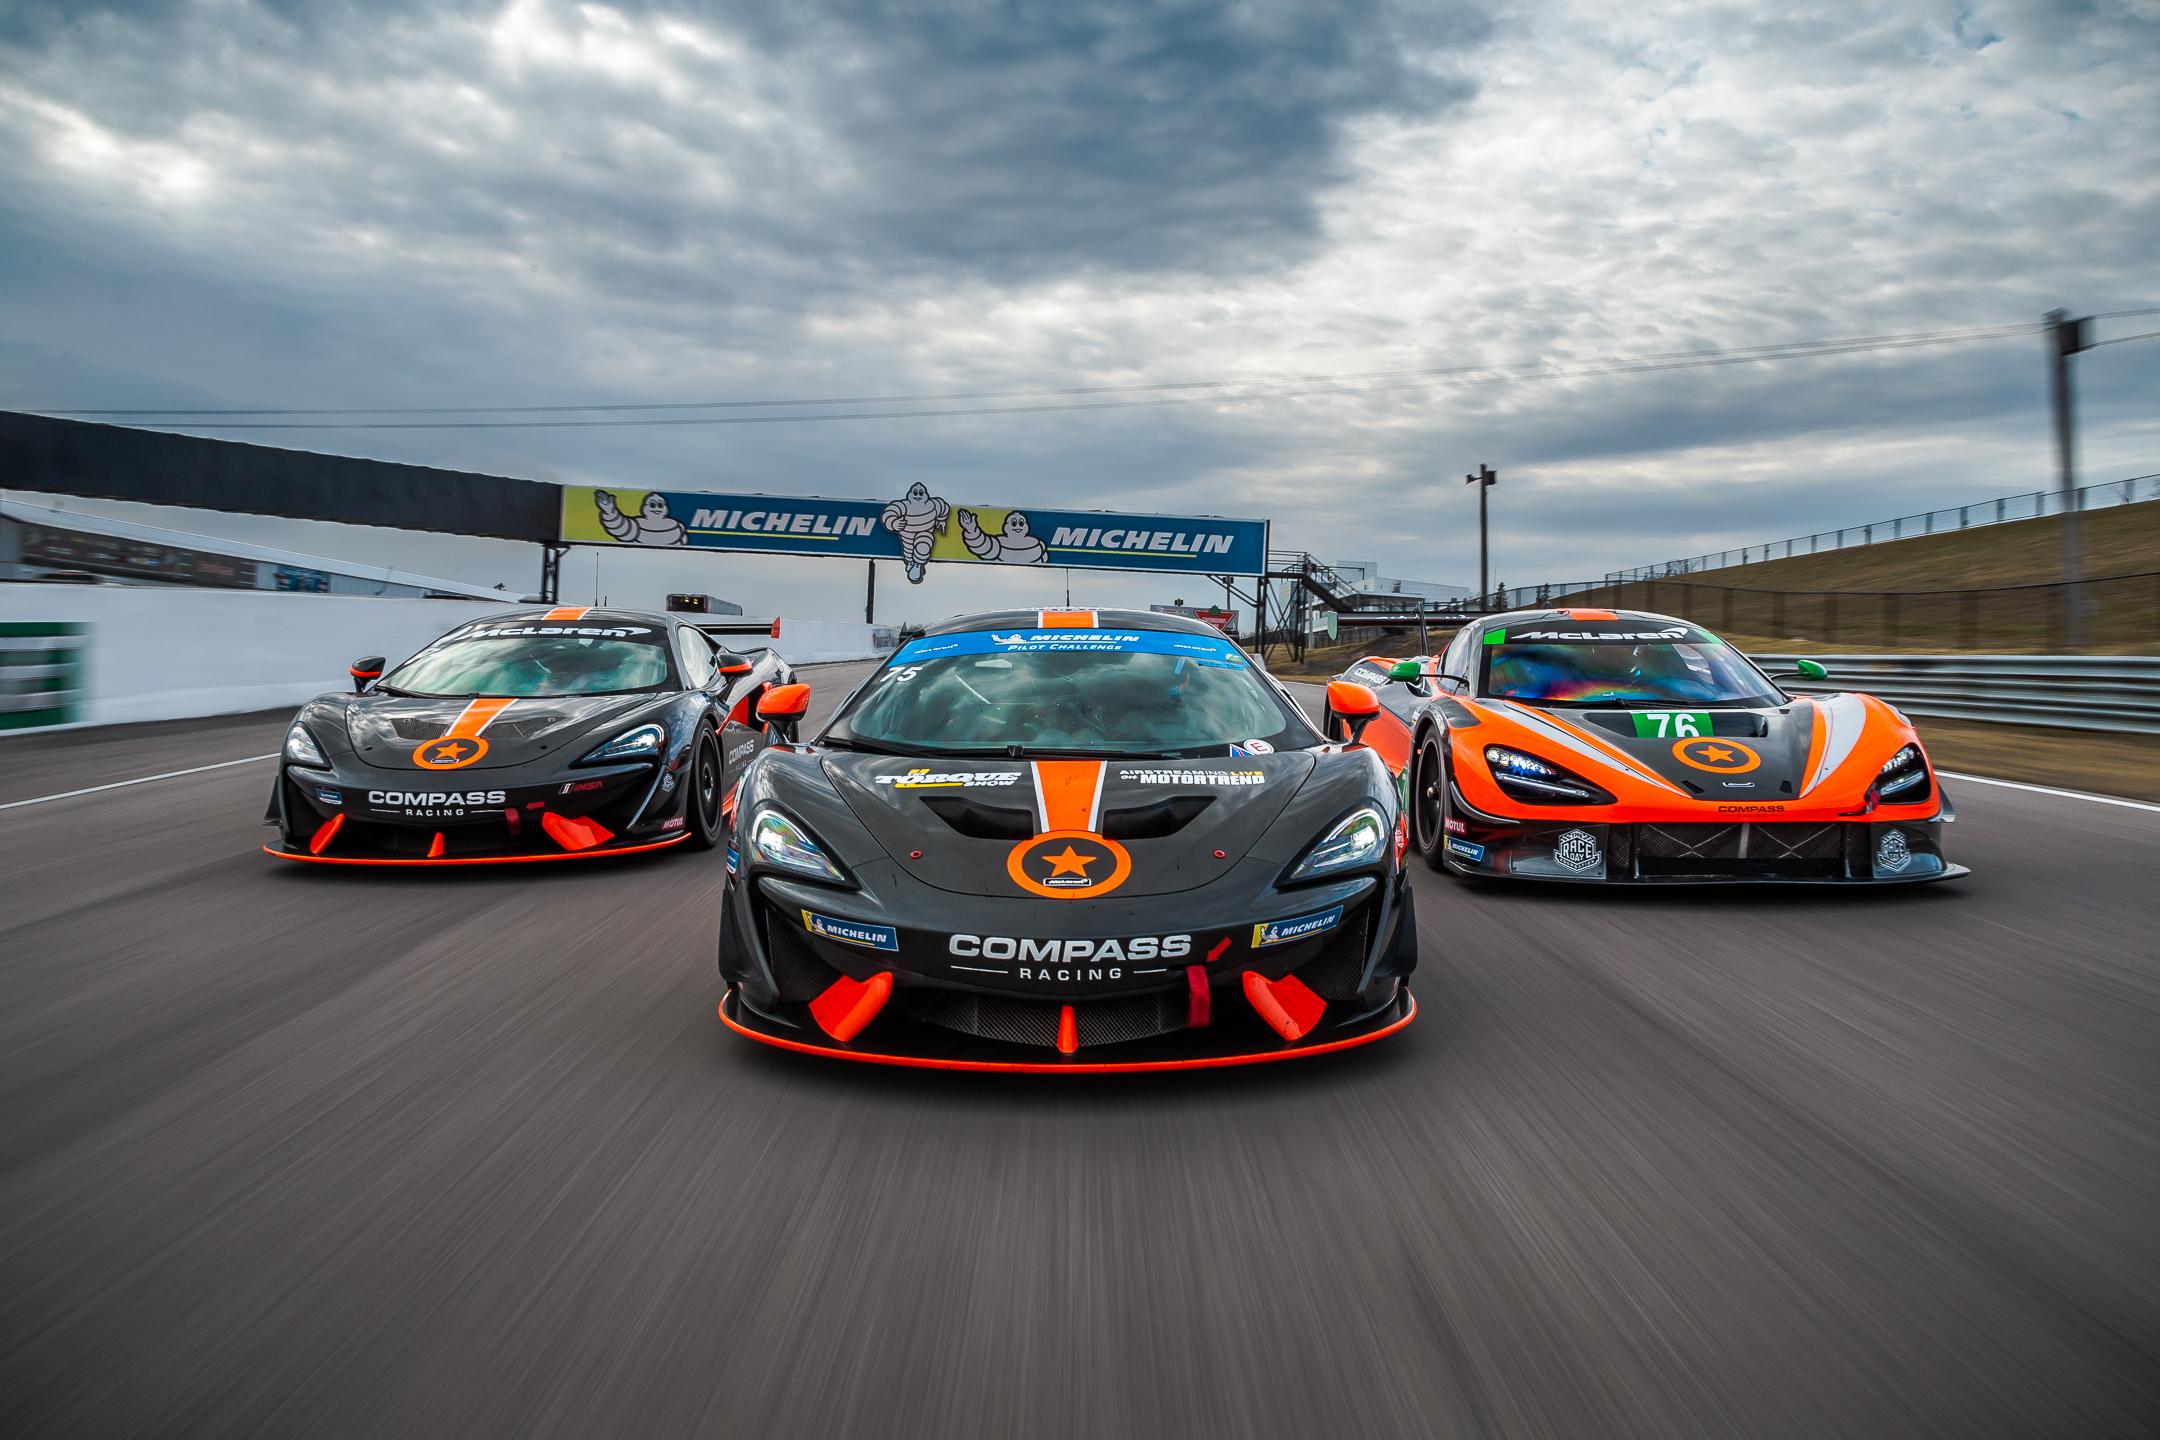 McLaren 720S GT3 - Compass Racing-8389-2.jpg